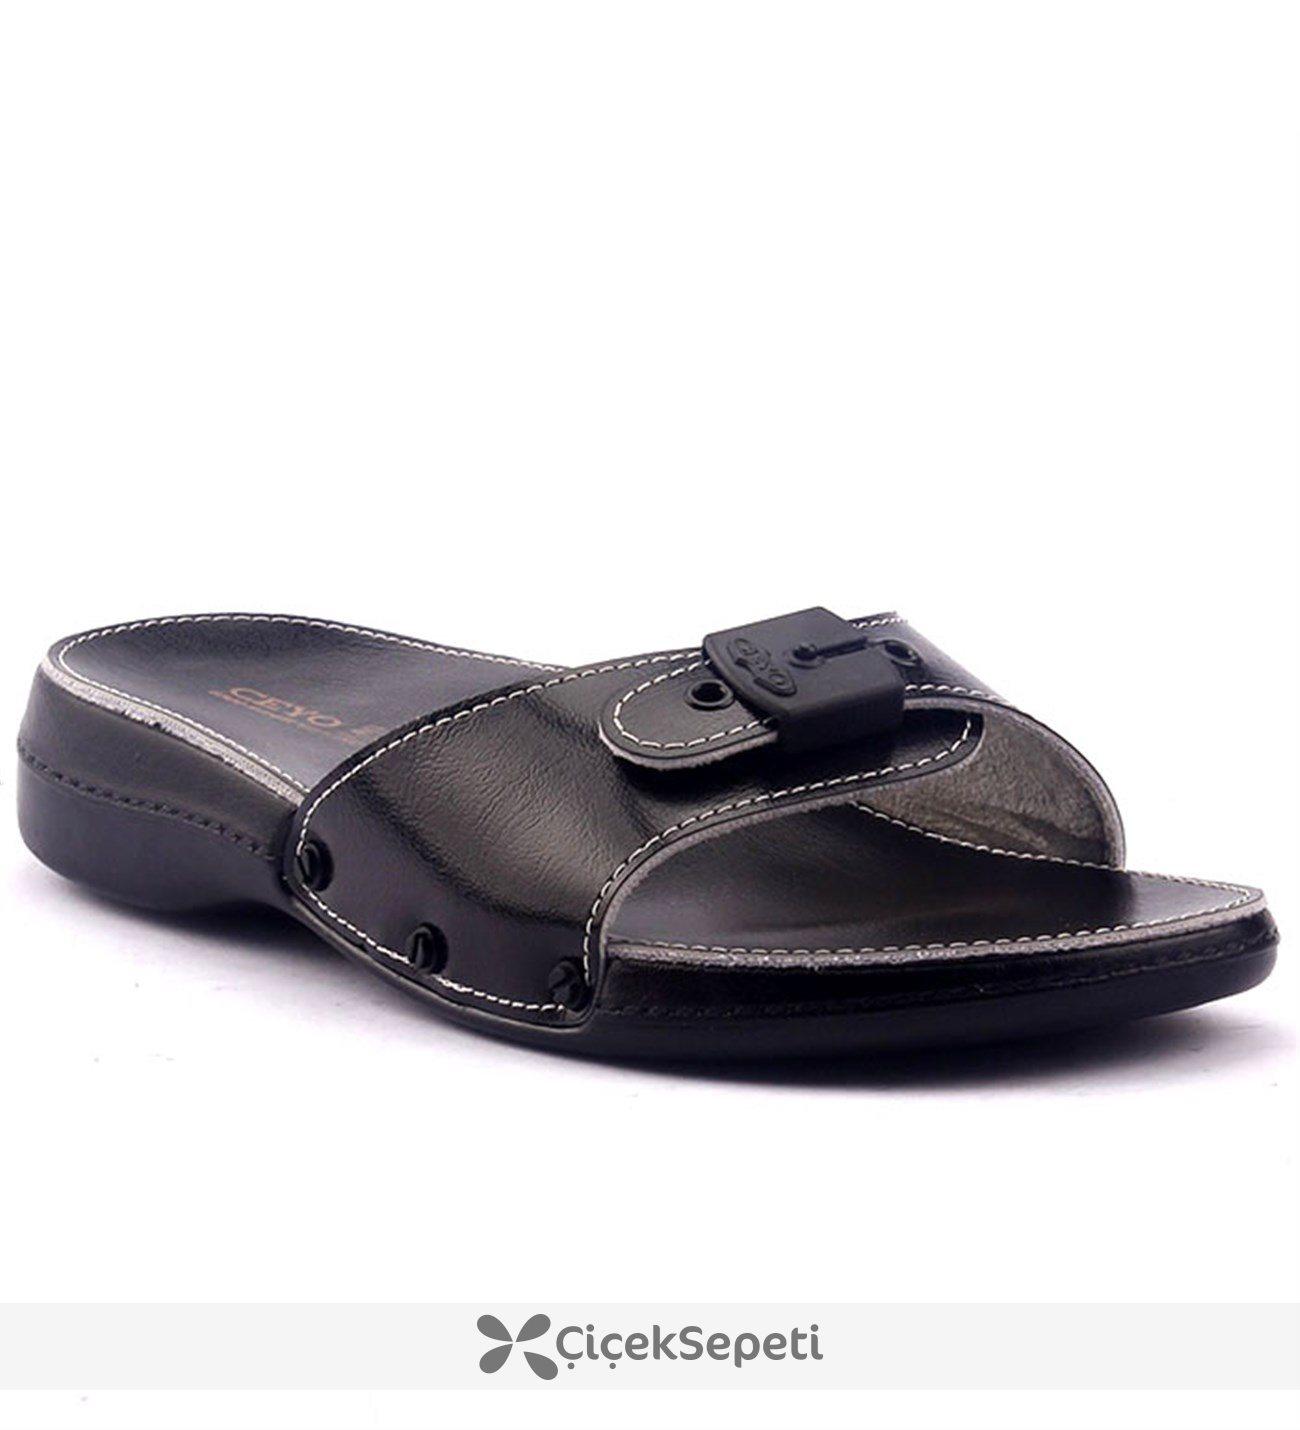 Ceyo 6500 Minelli Ortopedik Bayan Terlik Ayakkabı Siyah